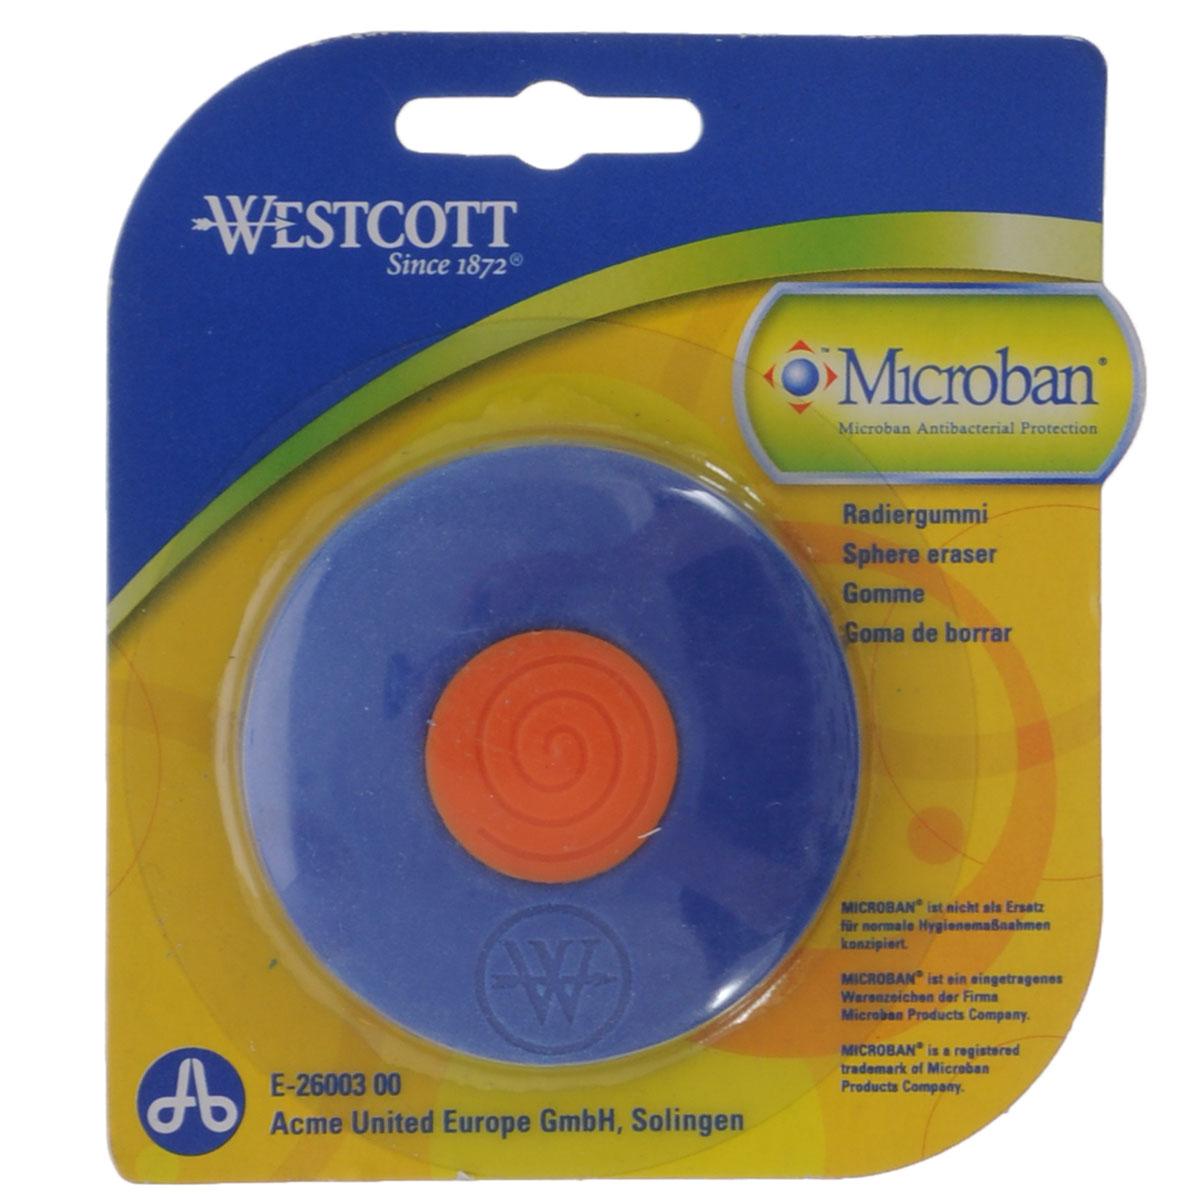 Ластик Westcott, с антибактериальным покрытием, цвет: синийЕ-26003 00Нас окружает огромное количество бактерий, многие из которых не безопасны, поэтому все большее число товаров выпускается со встроенной антибактериальной защитой. Яркий, двухцветный ластик со встроенной антибактериальной защитой Microban легко и без следа удаляет надписи, сделанные карандашом. Для более точного удаления имеет заостренные края. Эффективность защиты Microban подтверждена множеством лабораторных исследований по всему миру. Эффективен против широкого спектра грамположительных и грамотрицательных бактерий и грибков, таких как: сальмонелла, золотистый стафилококк и другие, которые вызывают заболевания, сопровождающиеся расстройством кишечника и грибковыми заболевания. (Всего около 100 микроорганизмов). Ластик сохраняет свои свойства после мытья и в случае механического повреждения изделия. Антибактериальные свойства не исчезают со временем и не снижают свою эффективность. Microban абсолютно безвреден для людей и животных, не вызывает аллергии.